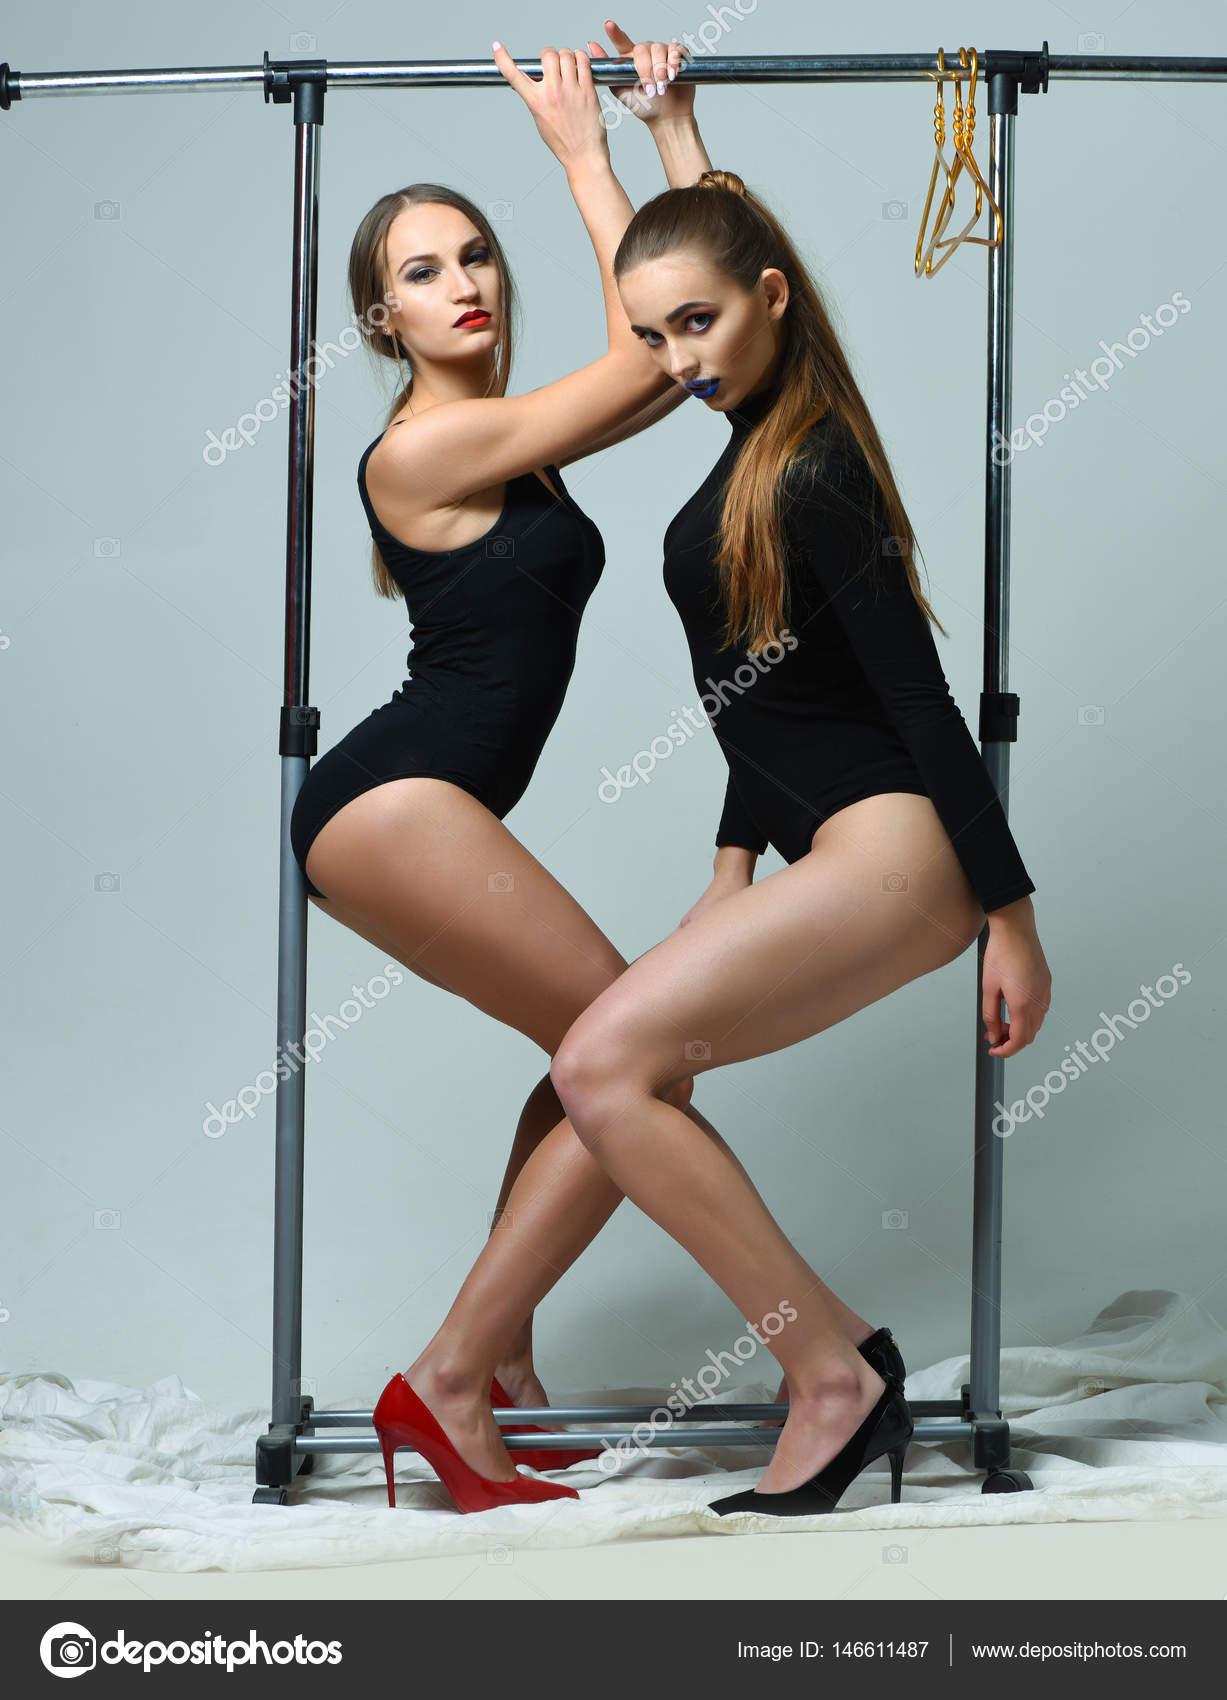 Chicas guapas en bodies negros sexi posando en el estante for Chicas guapas en ropa interior